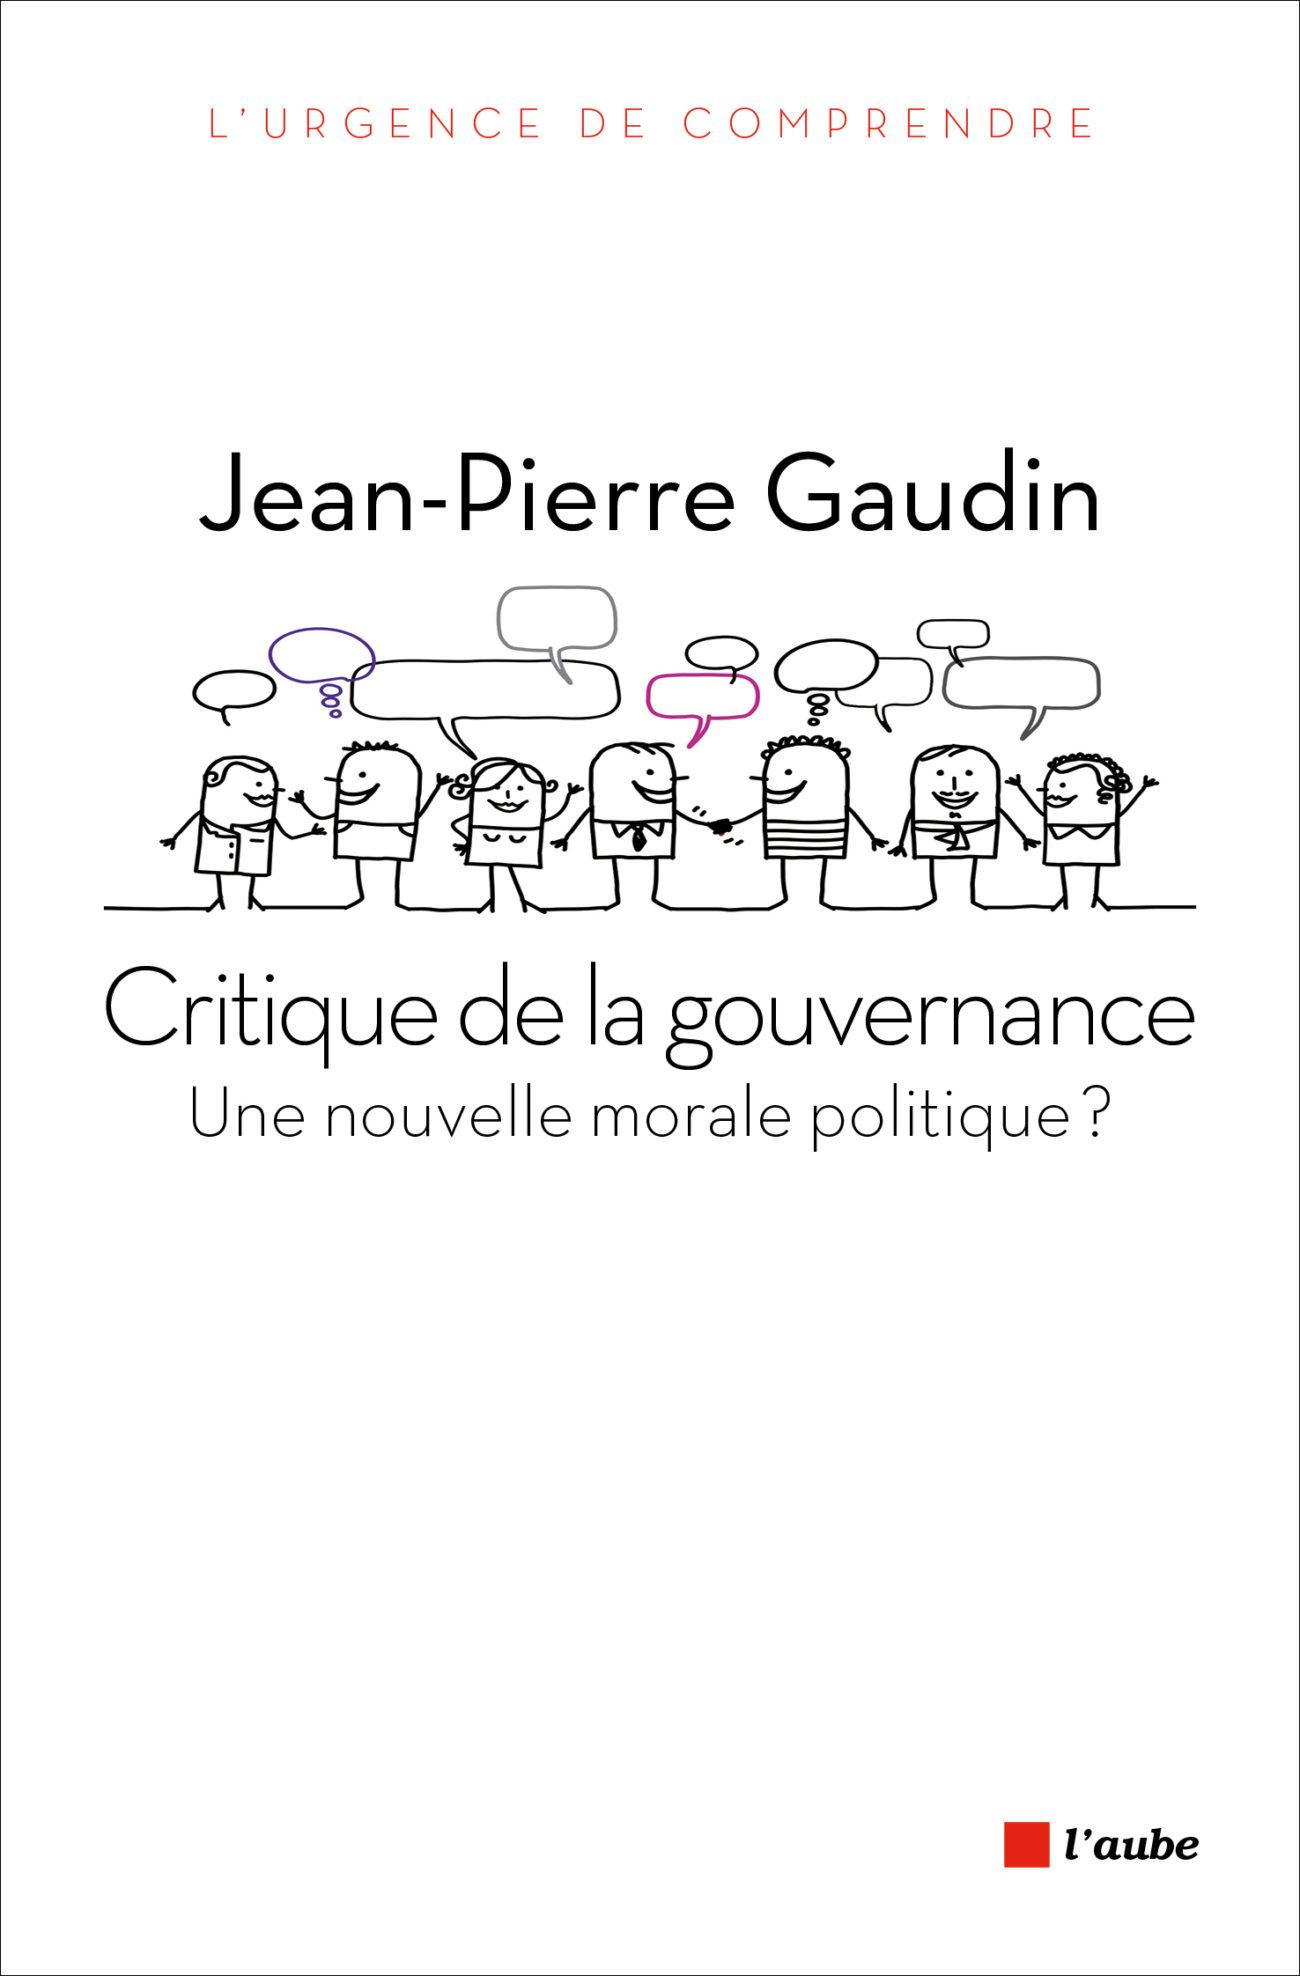 Critique de la gouvernance